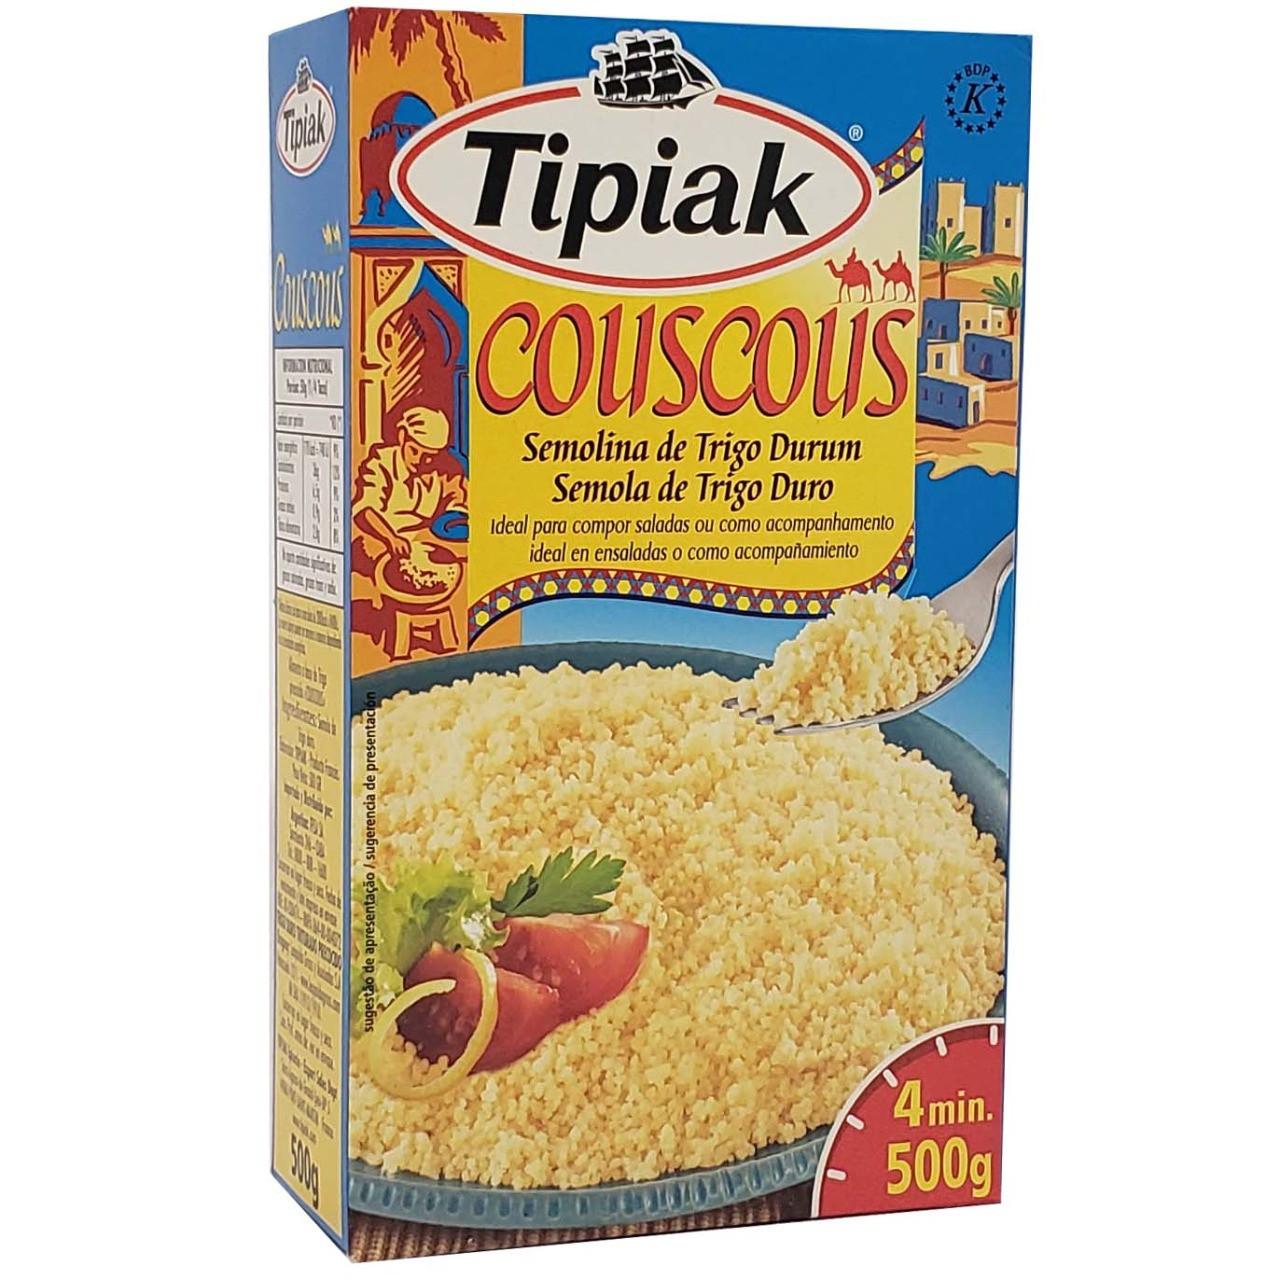 Couscous Tipiak - 500gr -